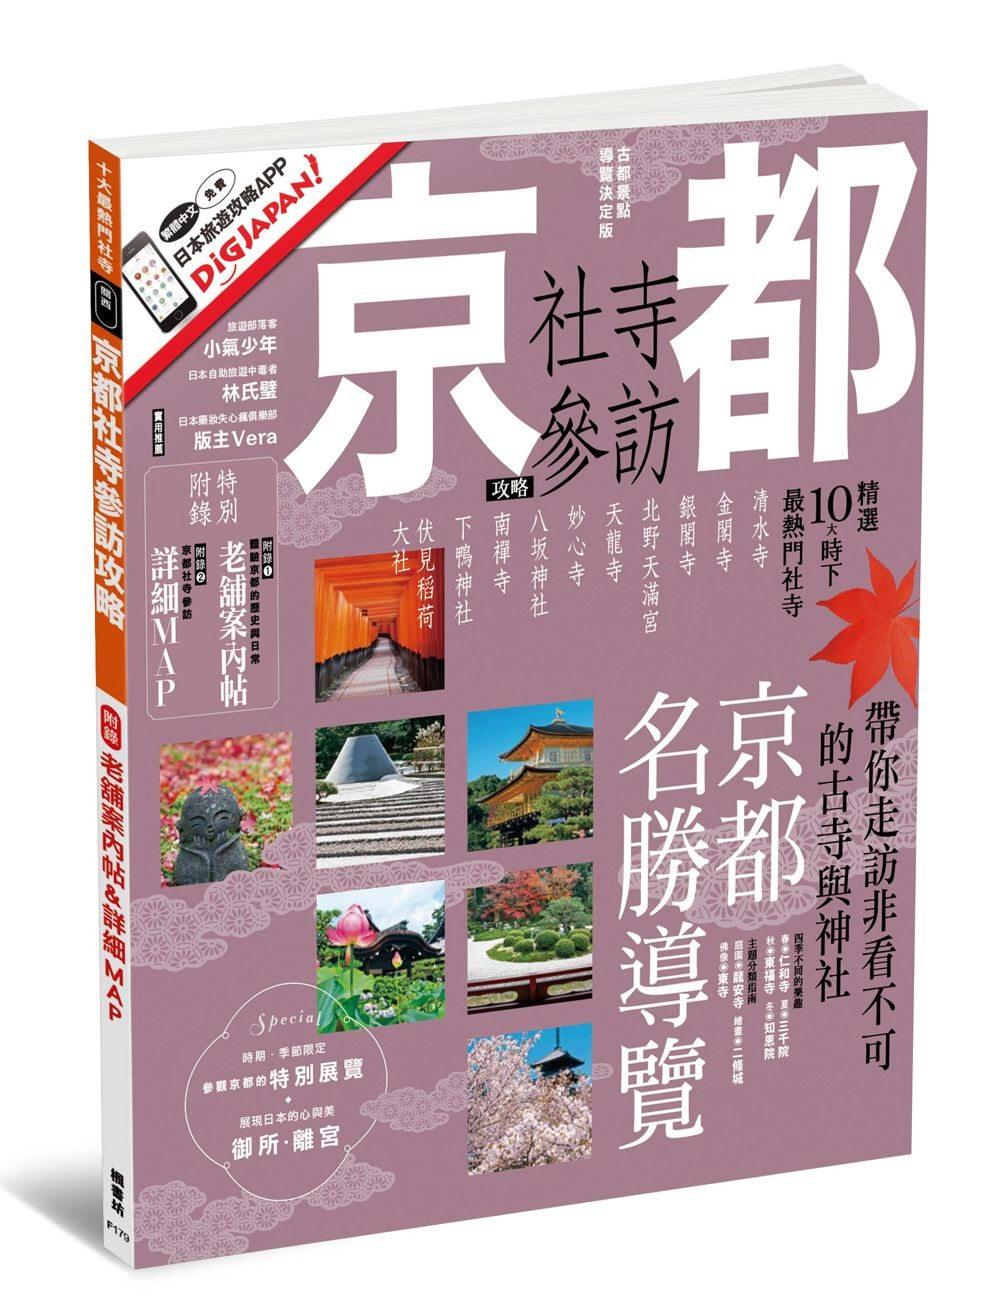 《京都社寺參訪攻略》 商品條碼,ISBN:9789863773207